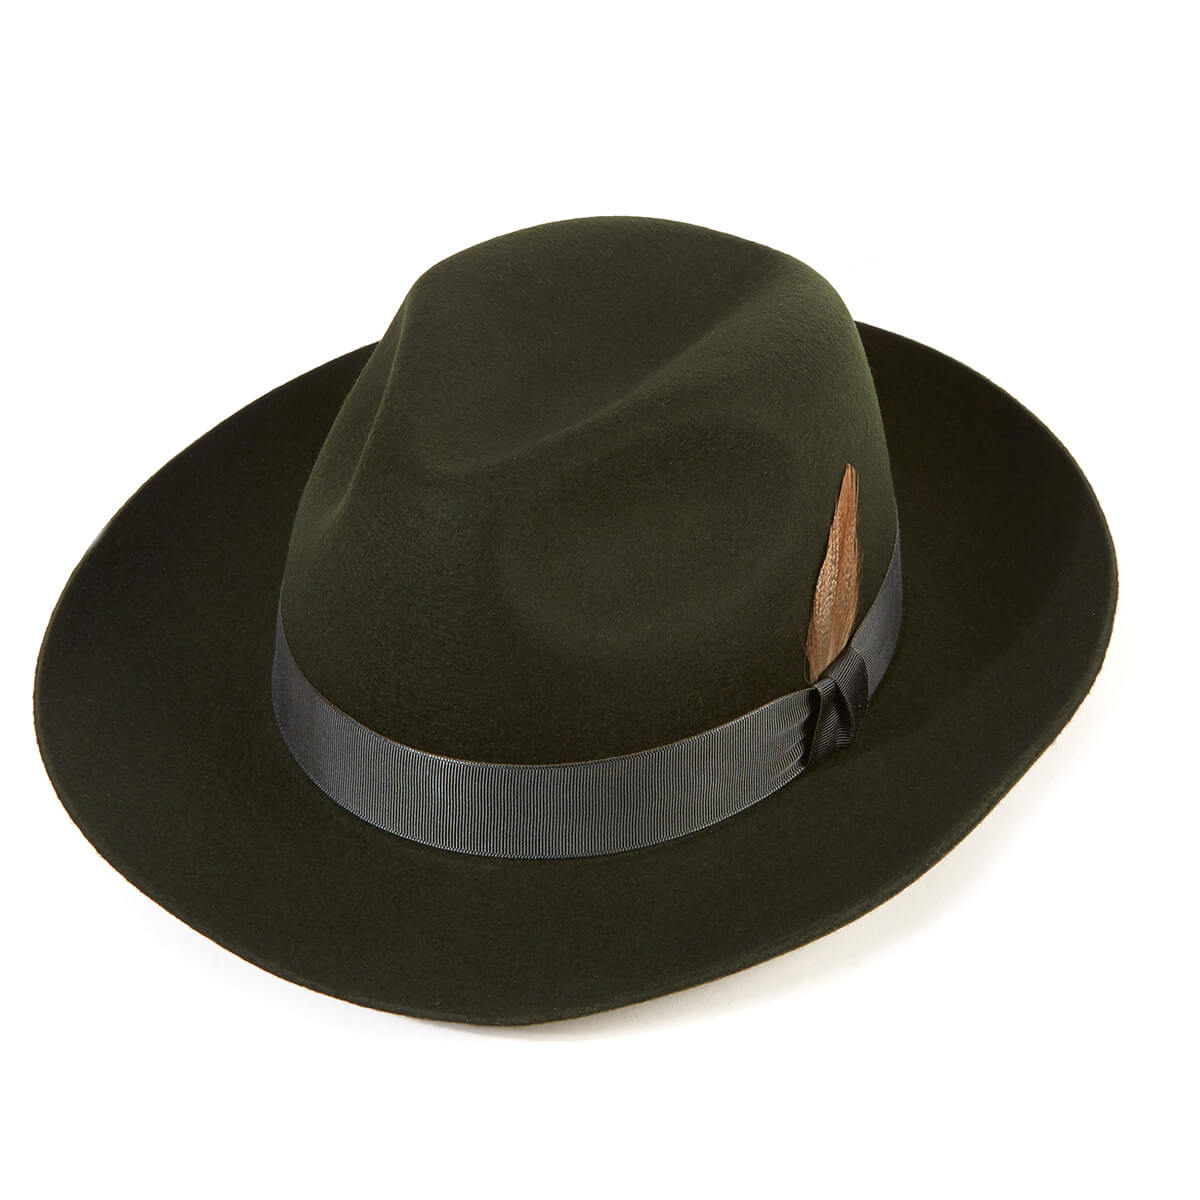 Grosvenor Wool Felt Trilby Hat - Moss in Size 59cm